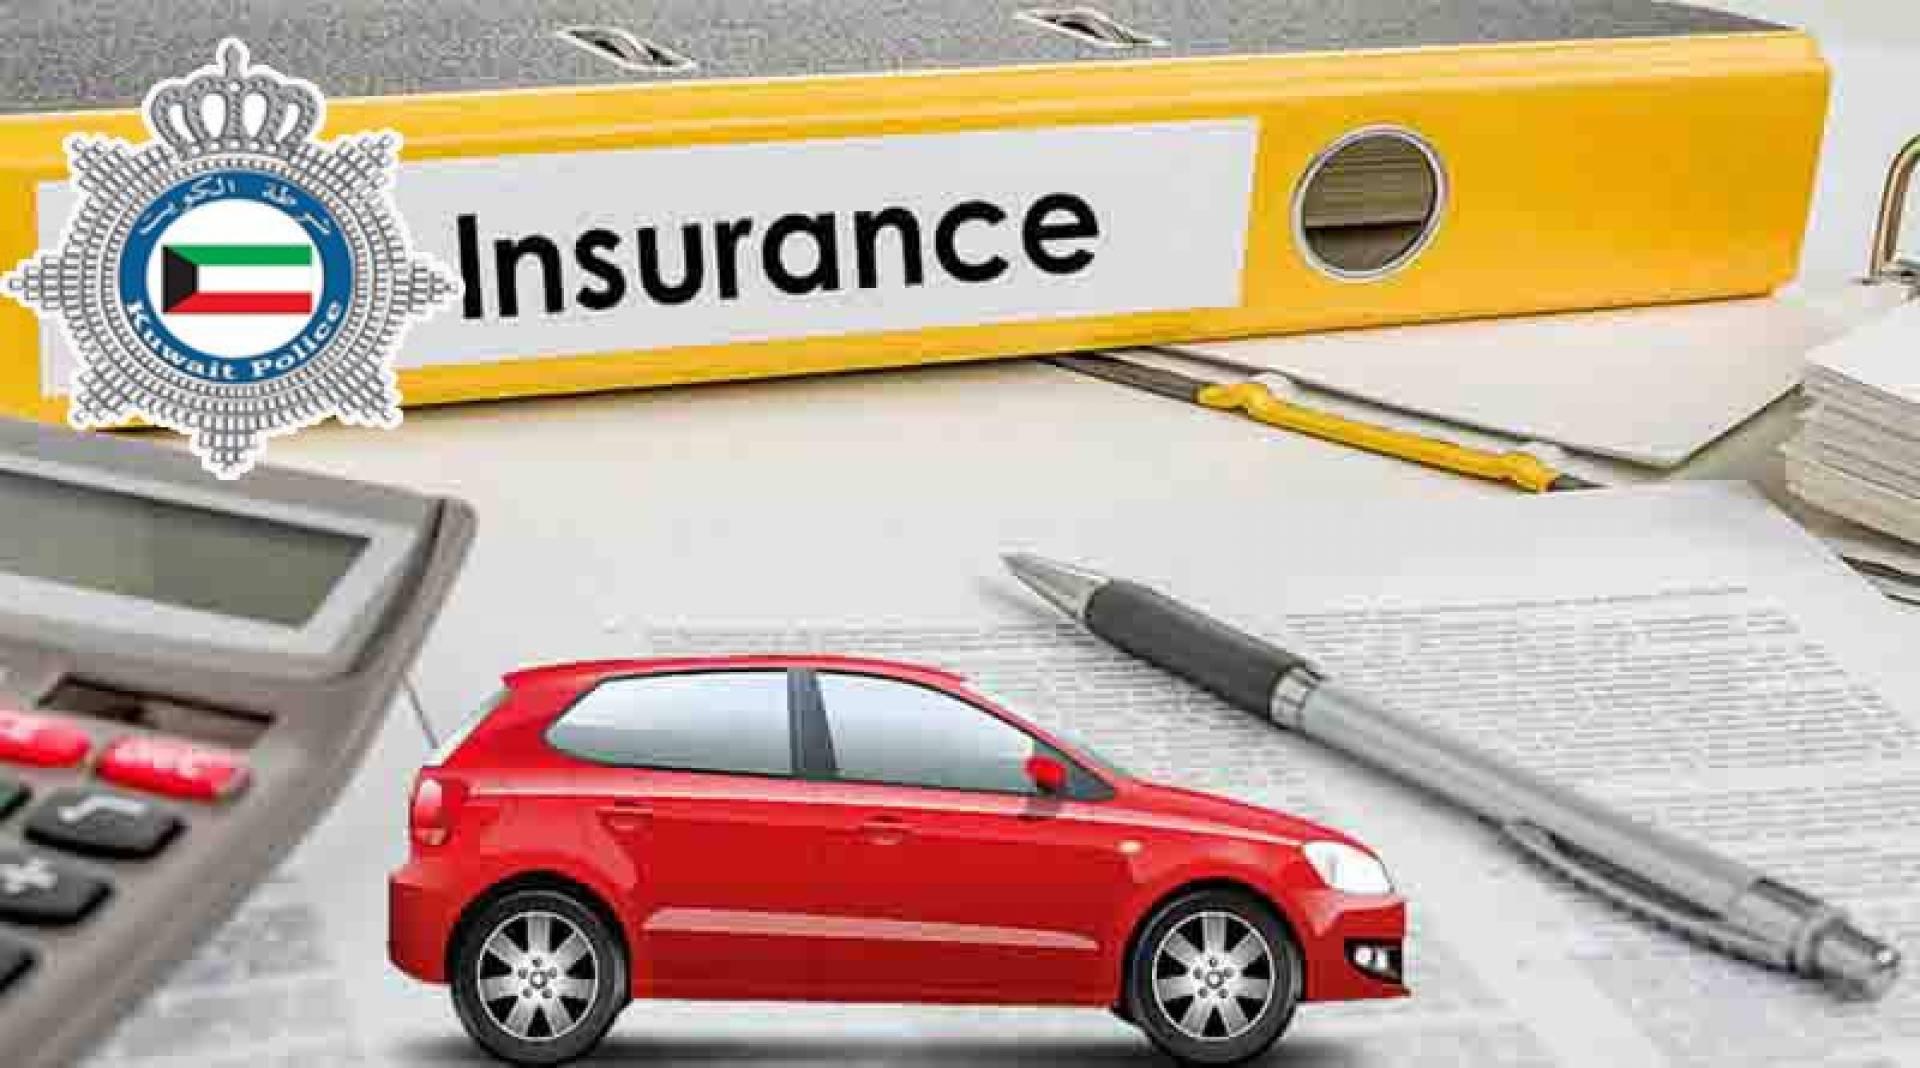 «الداخلية» تُحدث قائمة الشركات المعتمدة لإصدار وثيقة التأمين الأجباري للمركبات